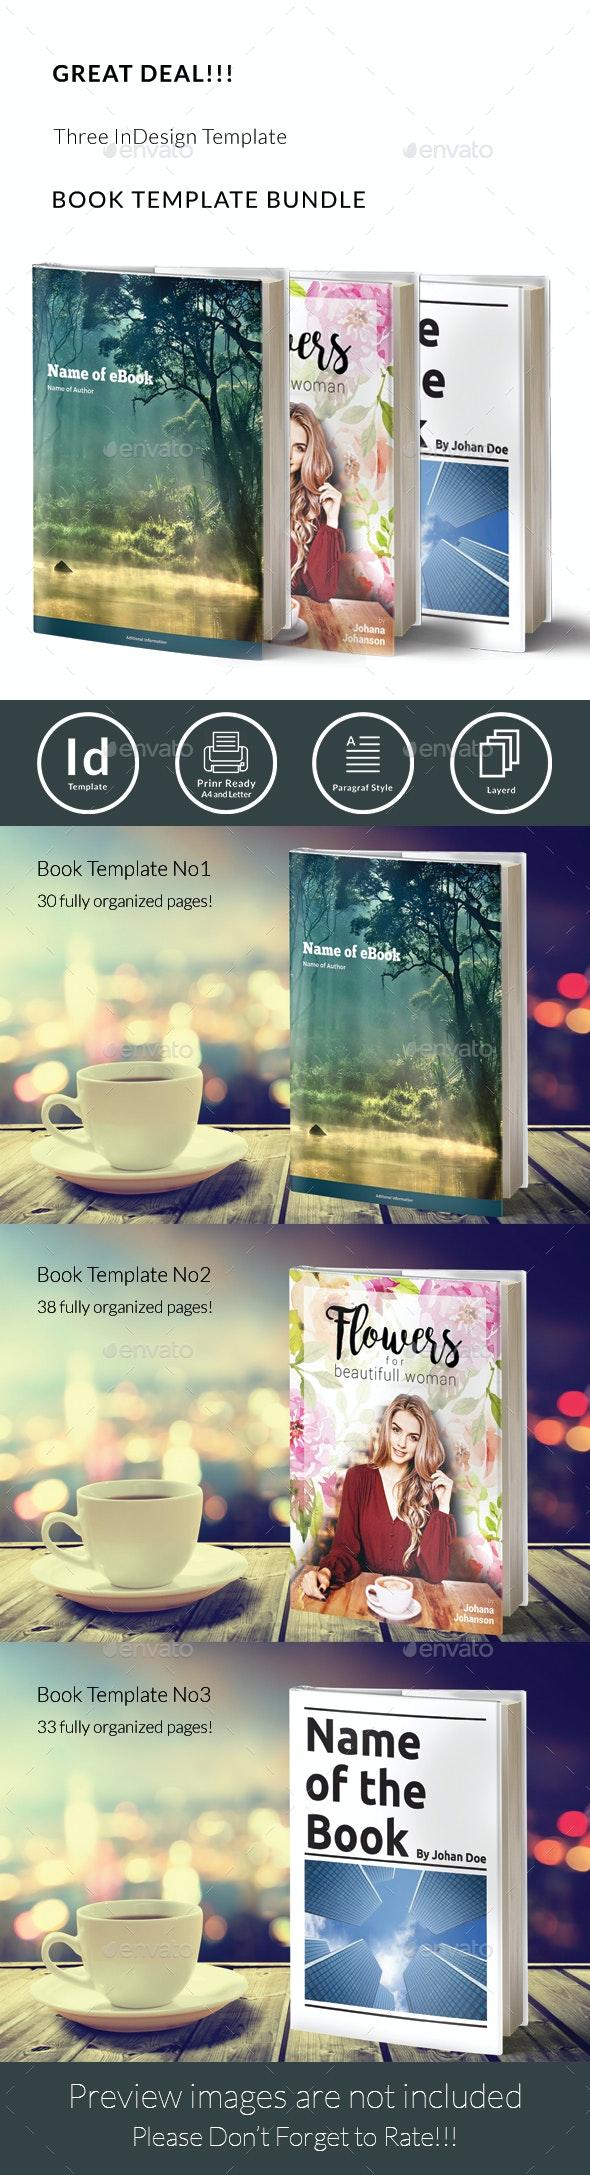 Book Template Bundle - Print Templates